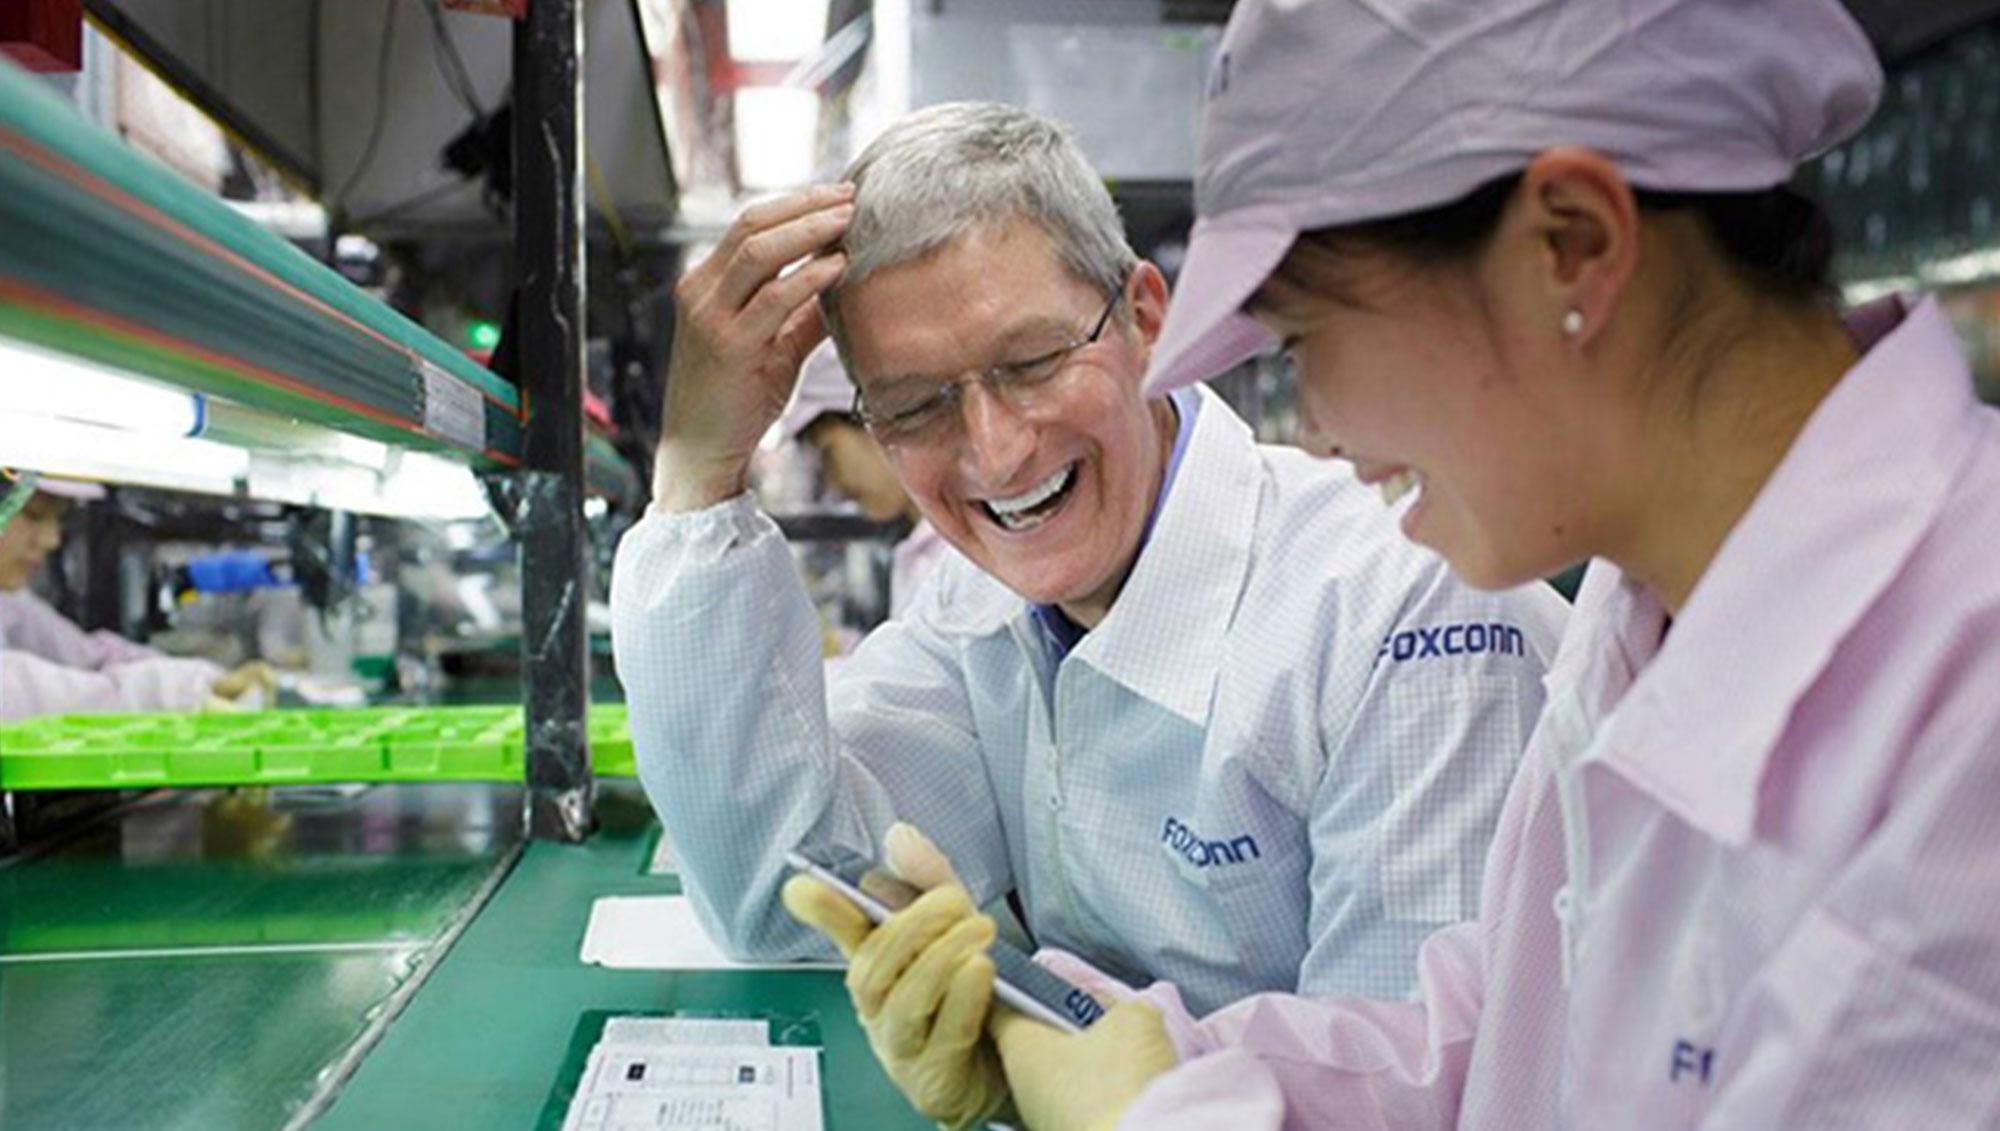 日本经济新闻社:iPhone 需求无力,富士康或将裁撤 10 万人力